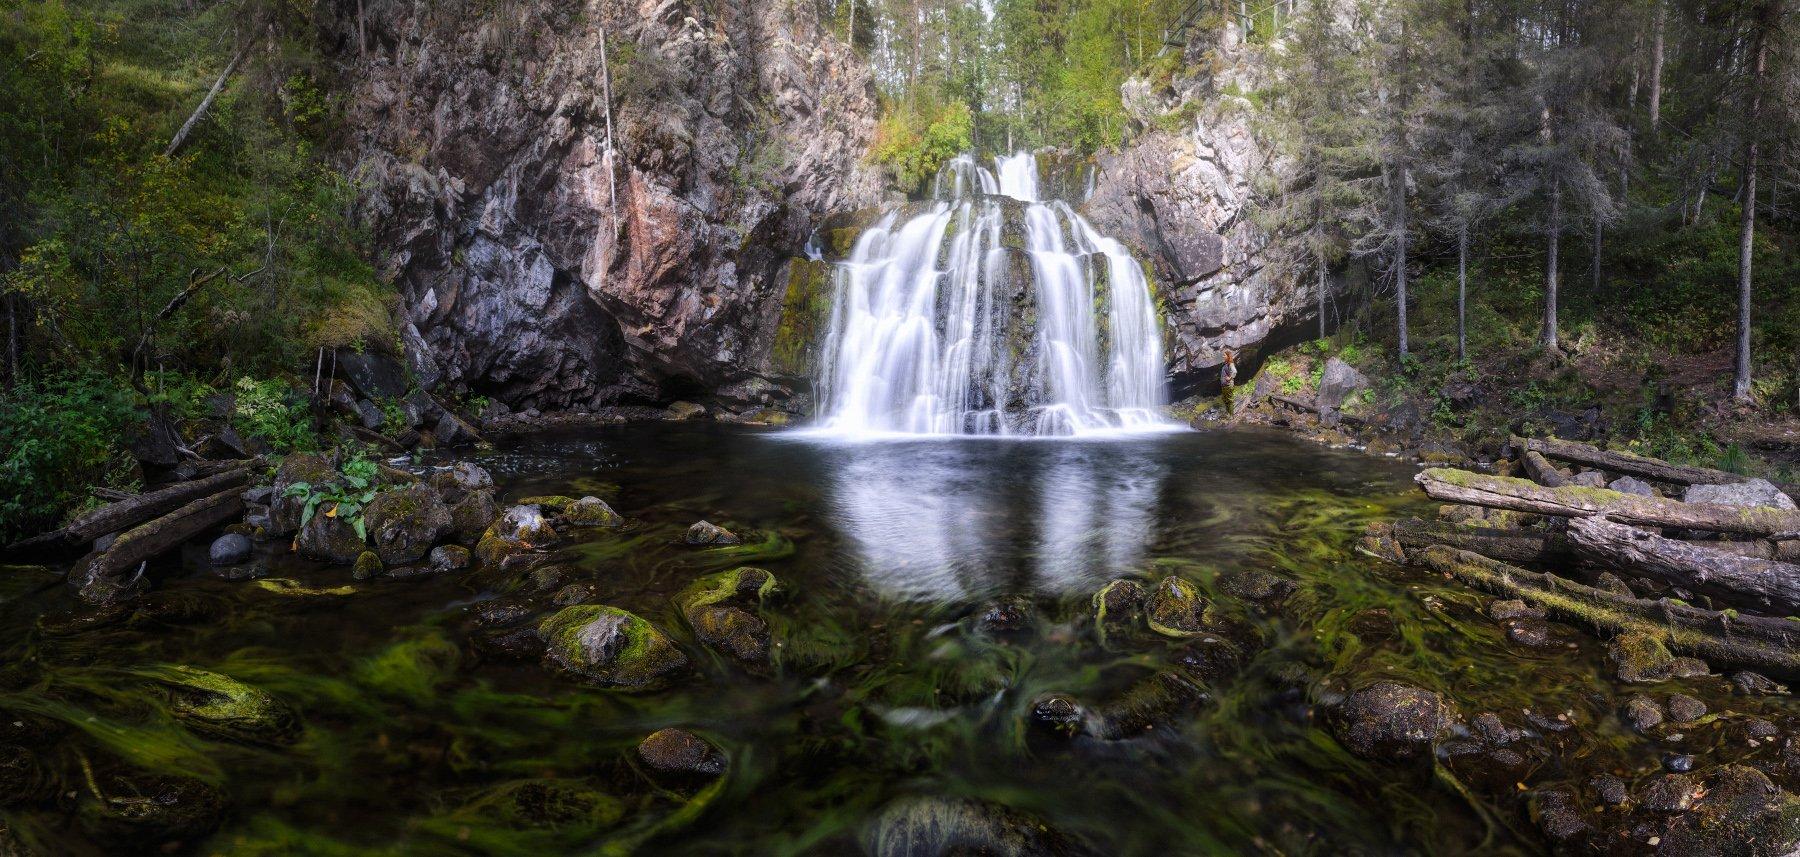 мянтюкоски, мянтюйоки, паанаярви, карелия, водопад, Сергей Кочергин